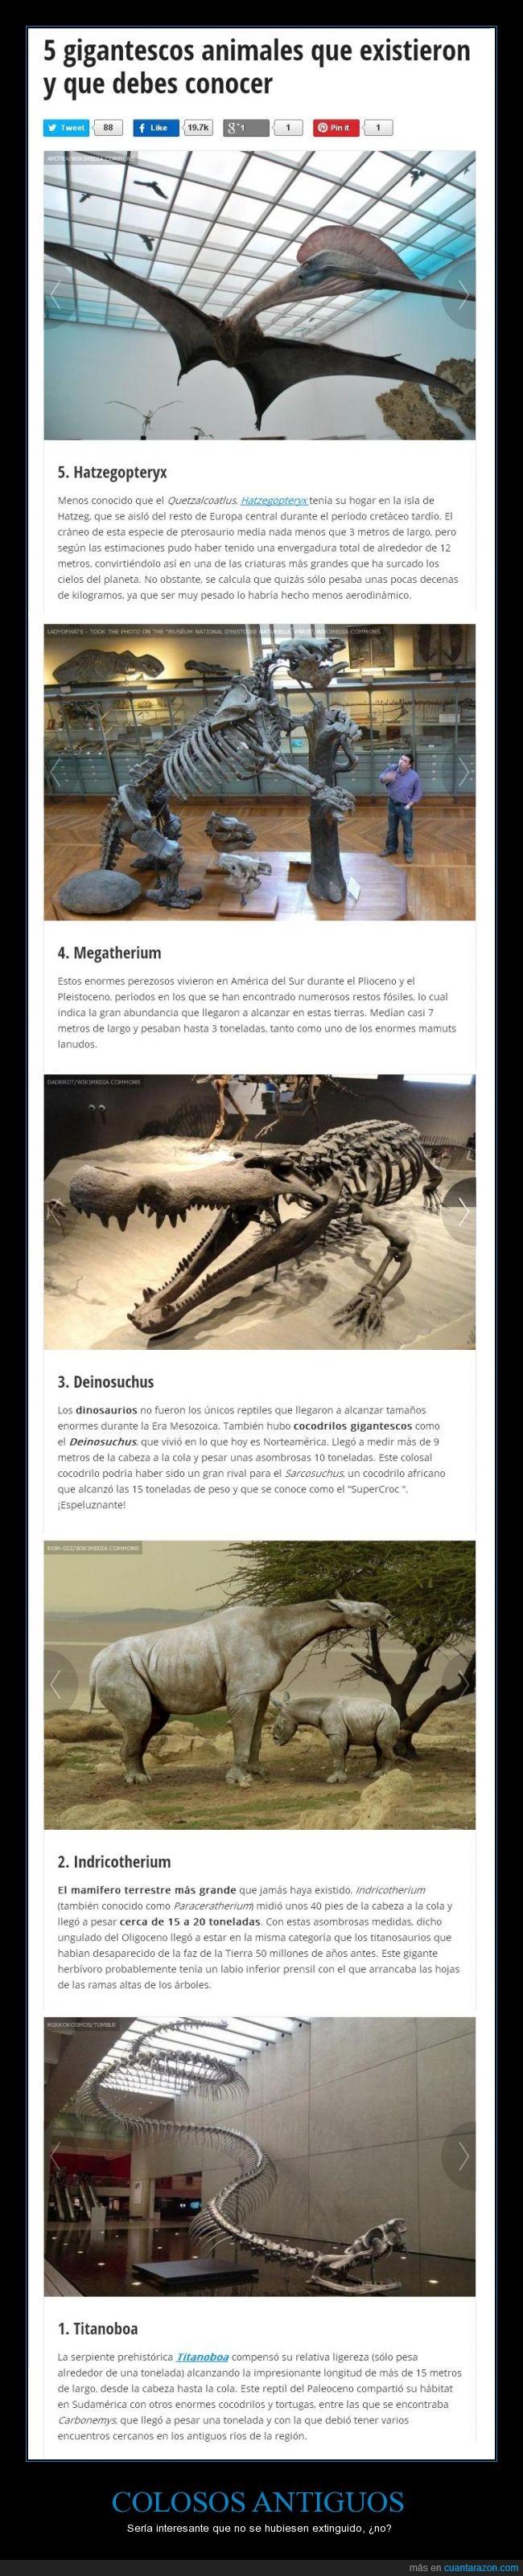 animales gigantes,Colosos,Deinosuchus,no voy a escribir los demás nombres son muy difíciles,prehistóricos,que pasaría si siguieran con vida?,Titanboa